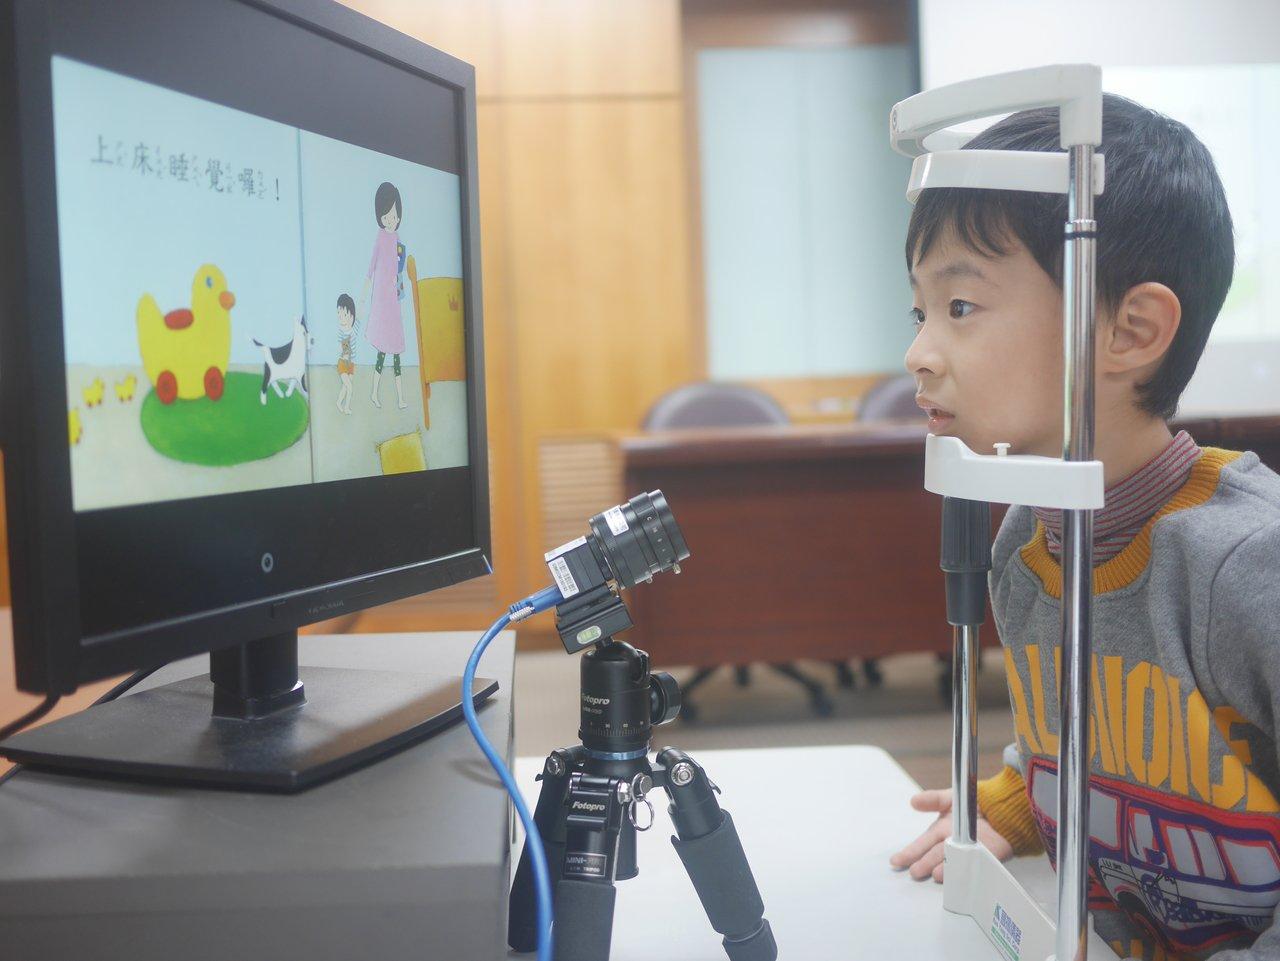 台灣師範大學跨領域團隊,共同研發「眼動電子書」,技術領先業界,即時分析兒童閱讀時...